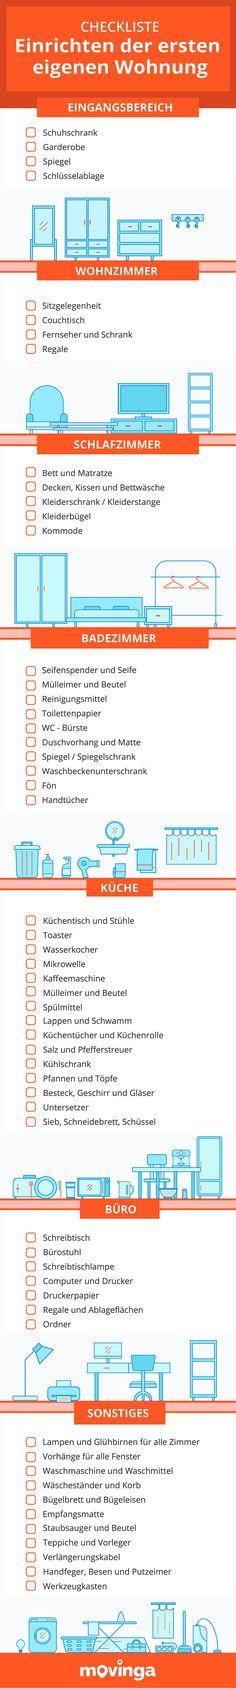 Checkliste Erste Eigene Wohnung : die 17 besten bilder von wohnung grundrisse grundriss ~ A.2002-acura-tl-radio.info Haus und Dekorationen